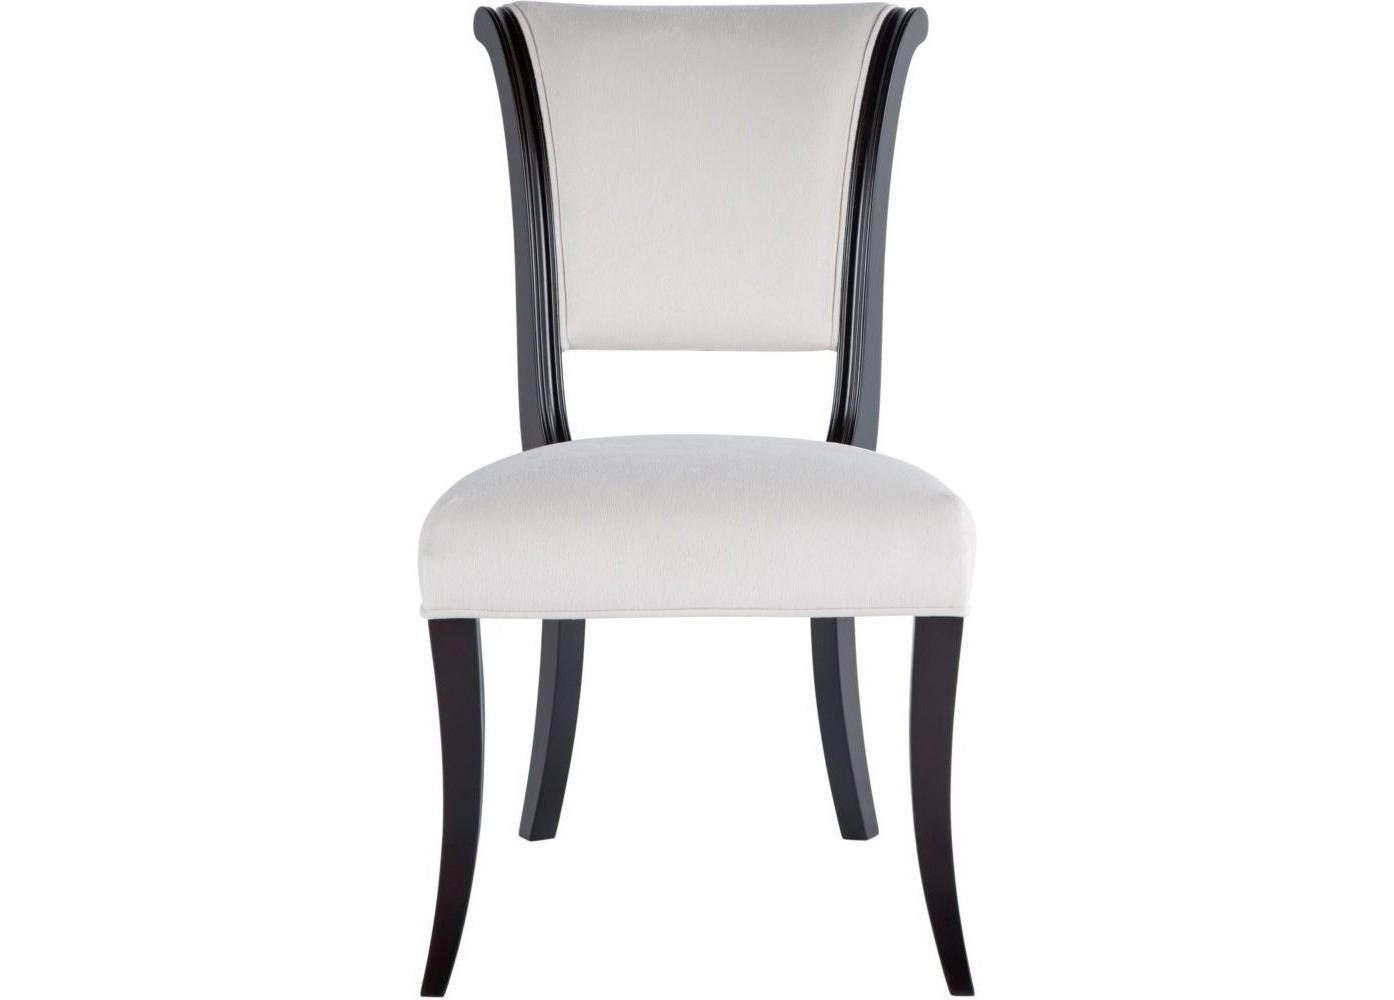 СтулОбеденные стулья<br><br><br>Material: Дерево<br>Width см: 52<br>Depth см: 65<br>Height см: 91